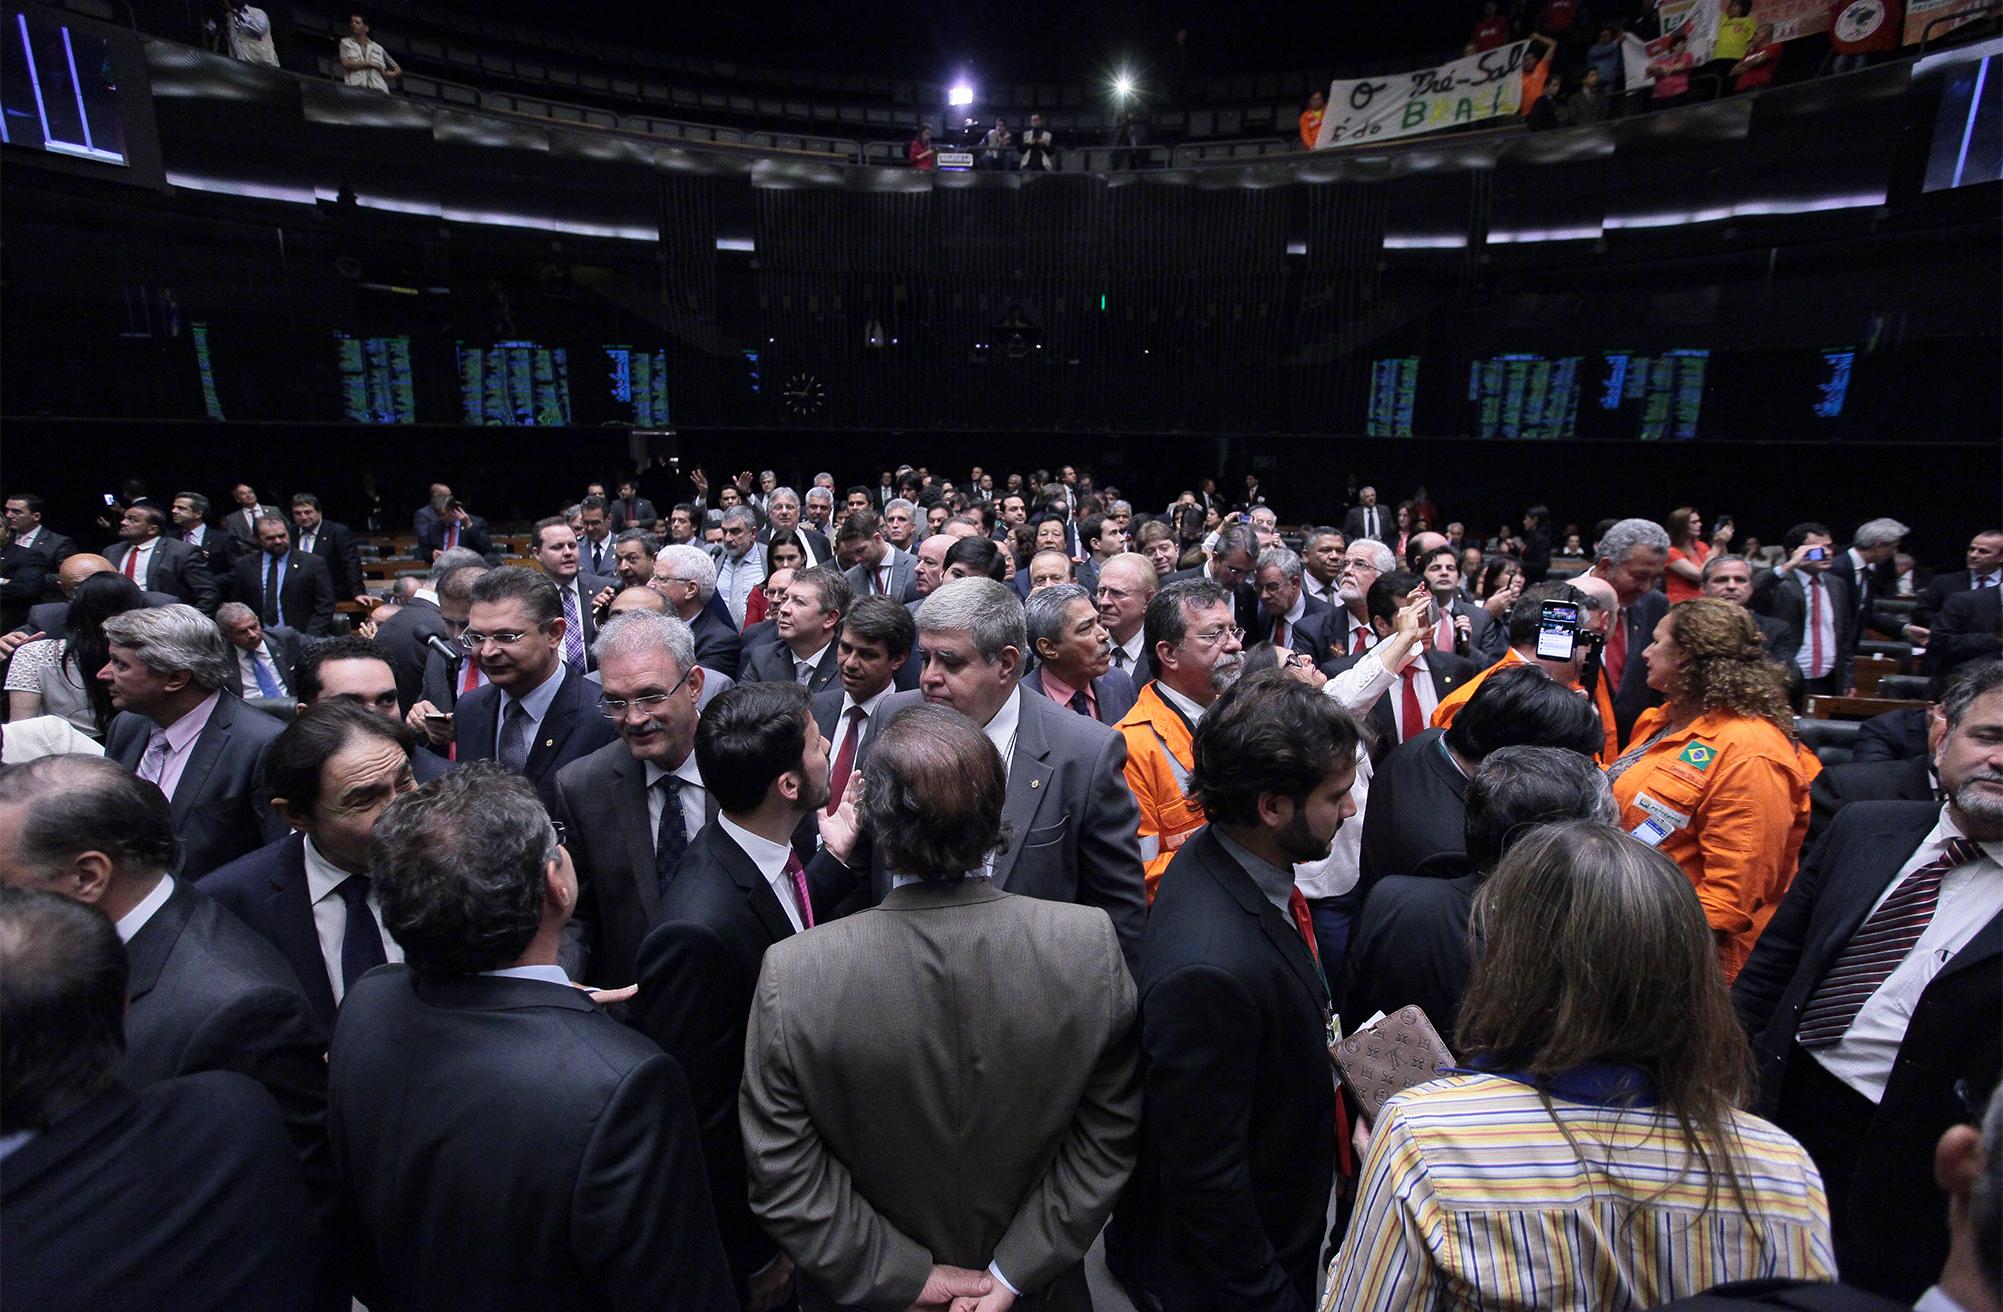 Discussão e votação do projeto de lei que desobriga a Petrobras de ser a operadora de todos os blocos de exploração do pré-sal no regime de partilha de produção (PL 4567/16)